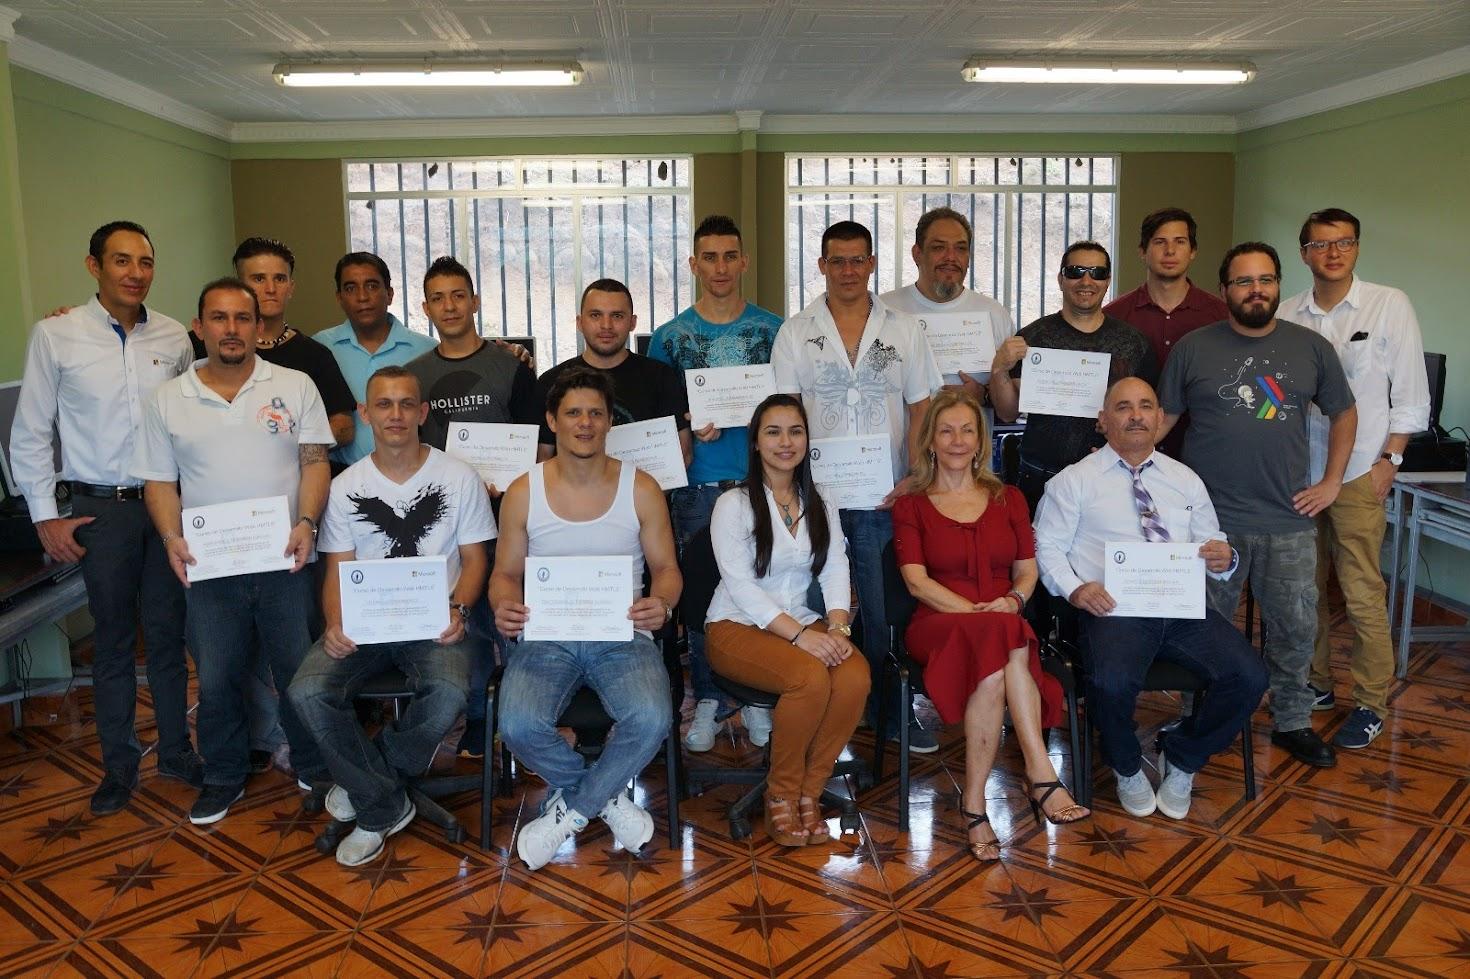 TRECE PRIVADOS DE LIBERTAD SE GRADÚAN EN DESARROLLO DE PÁGINAS WEB